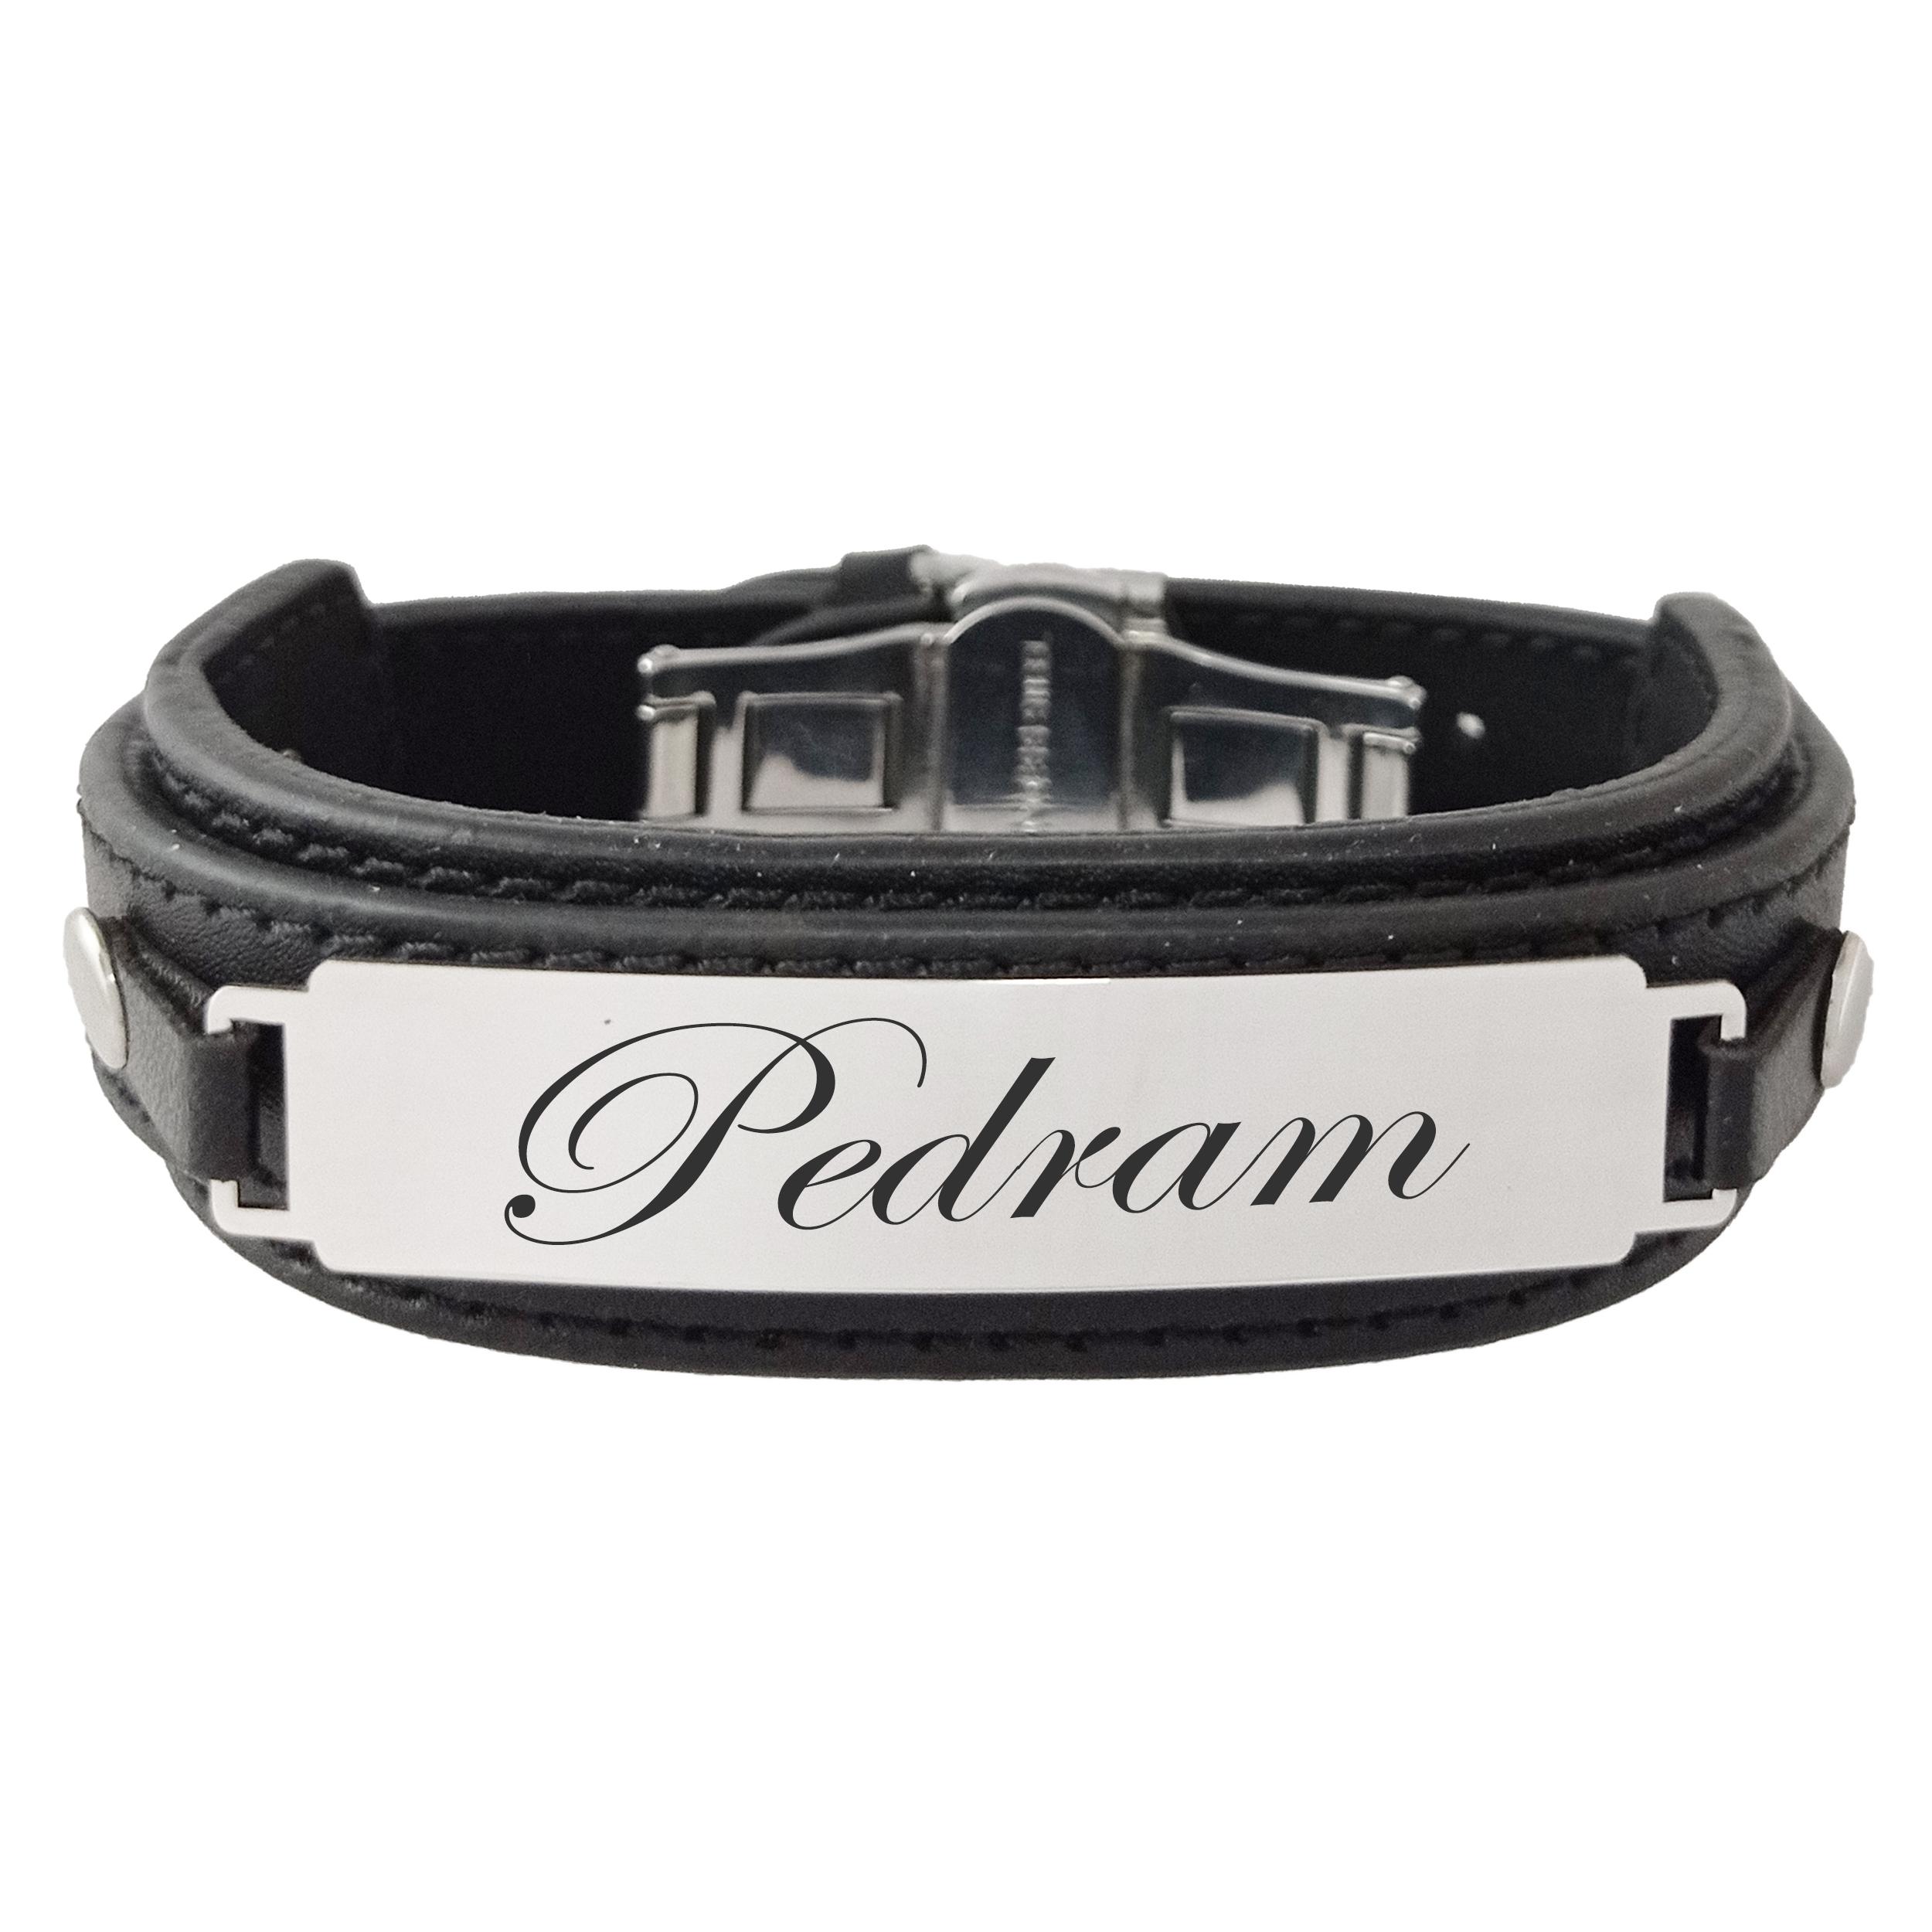 دستبند مردانه ترمه ۱ مدل پدرام کد Sam 894